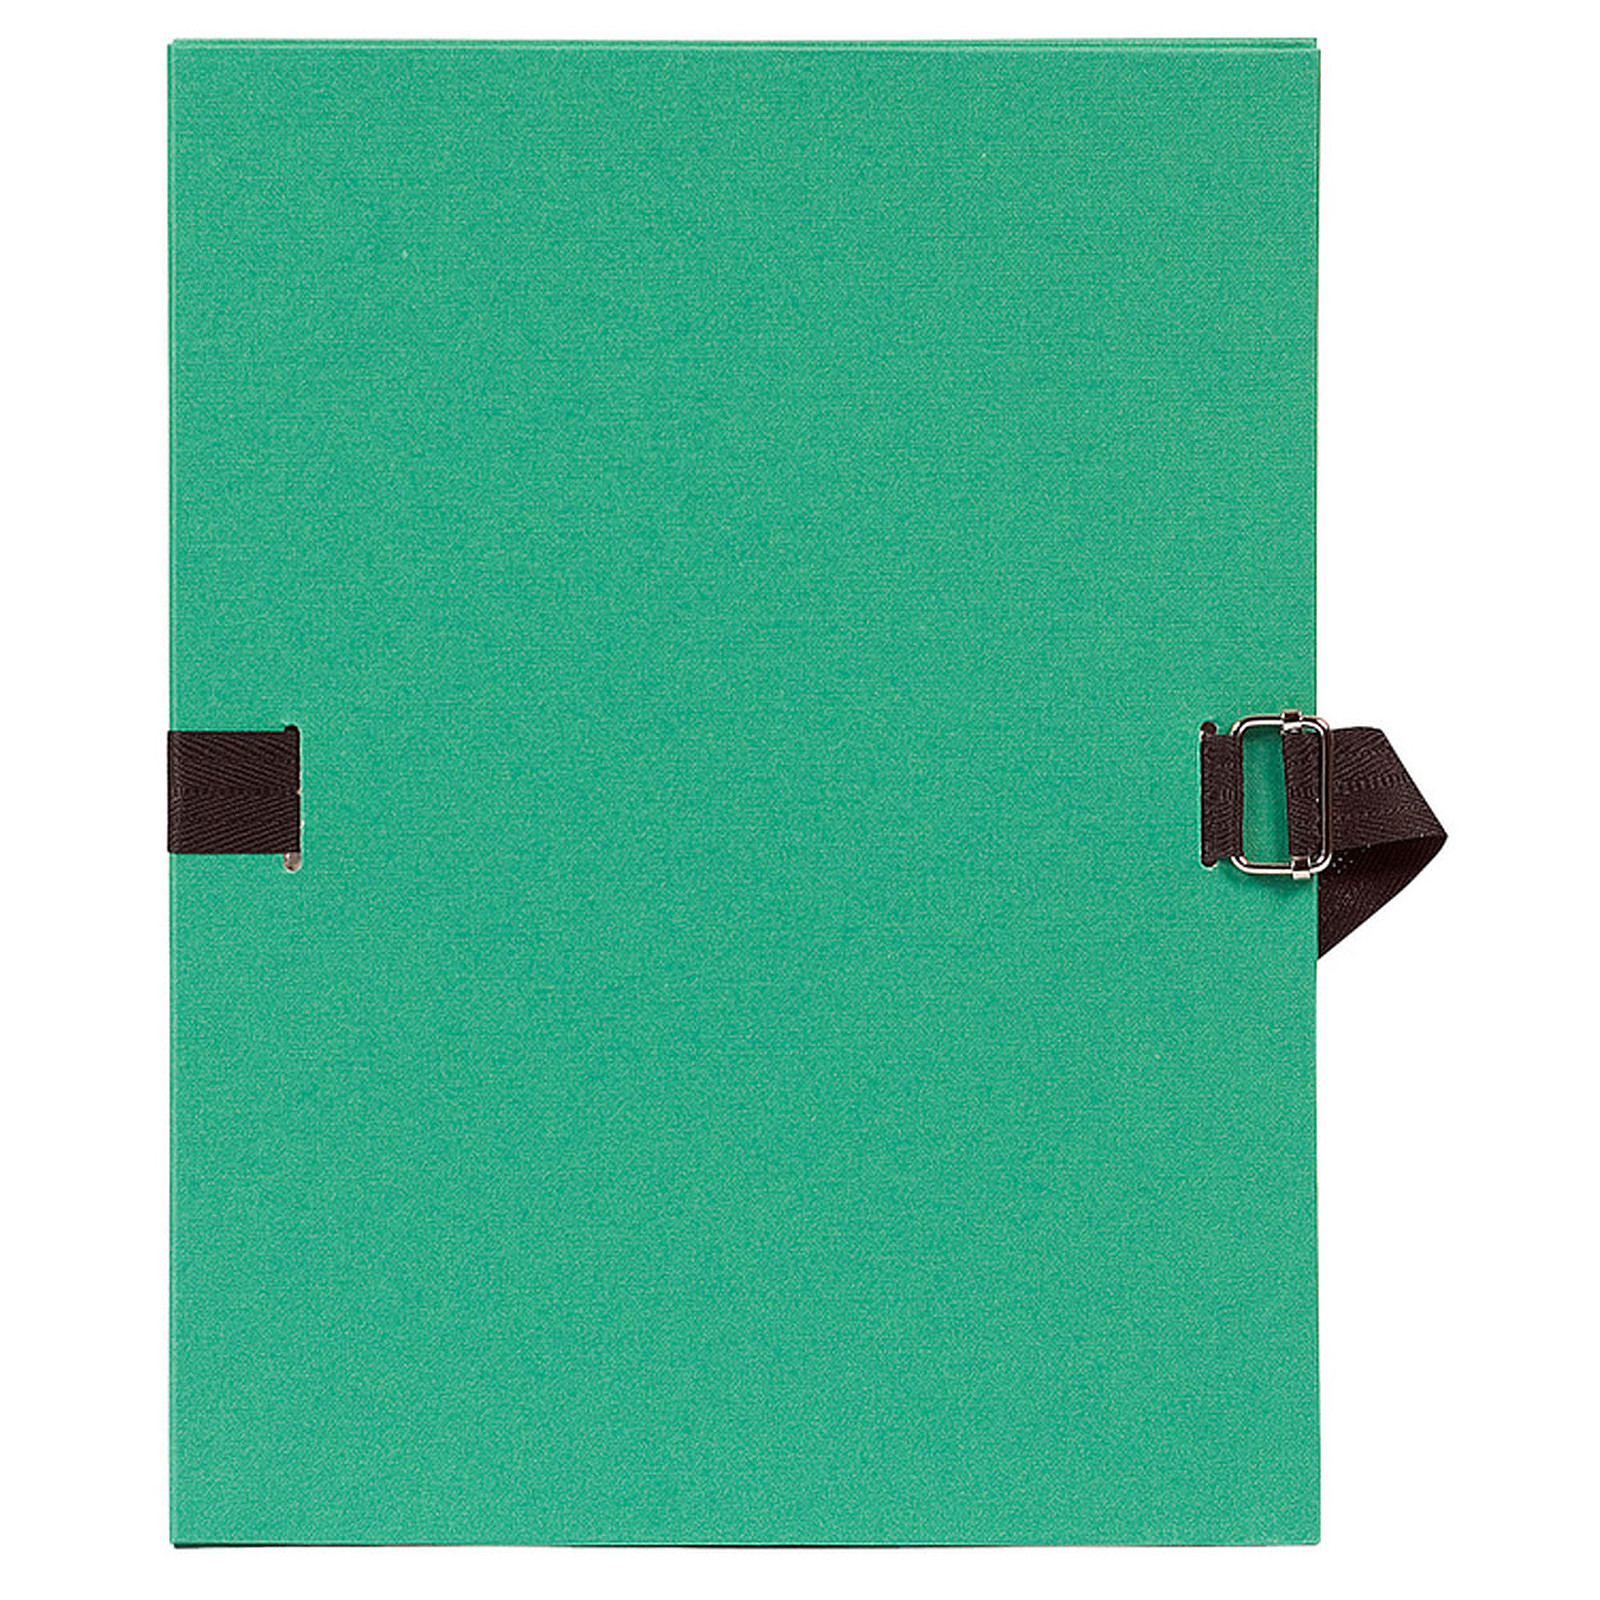 Exacompta Carpeta de papel con correa extensible verde claro